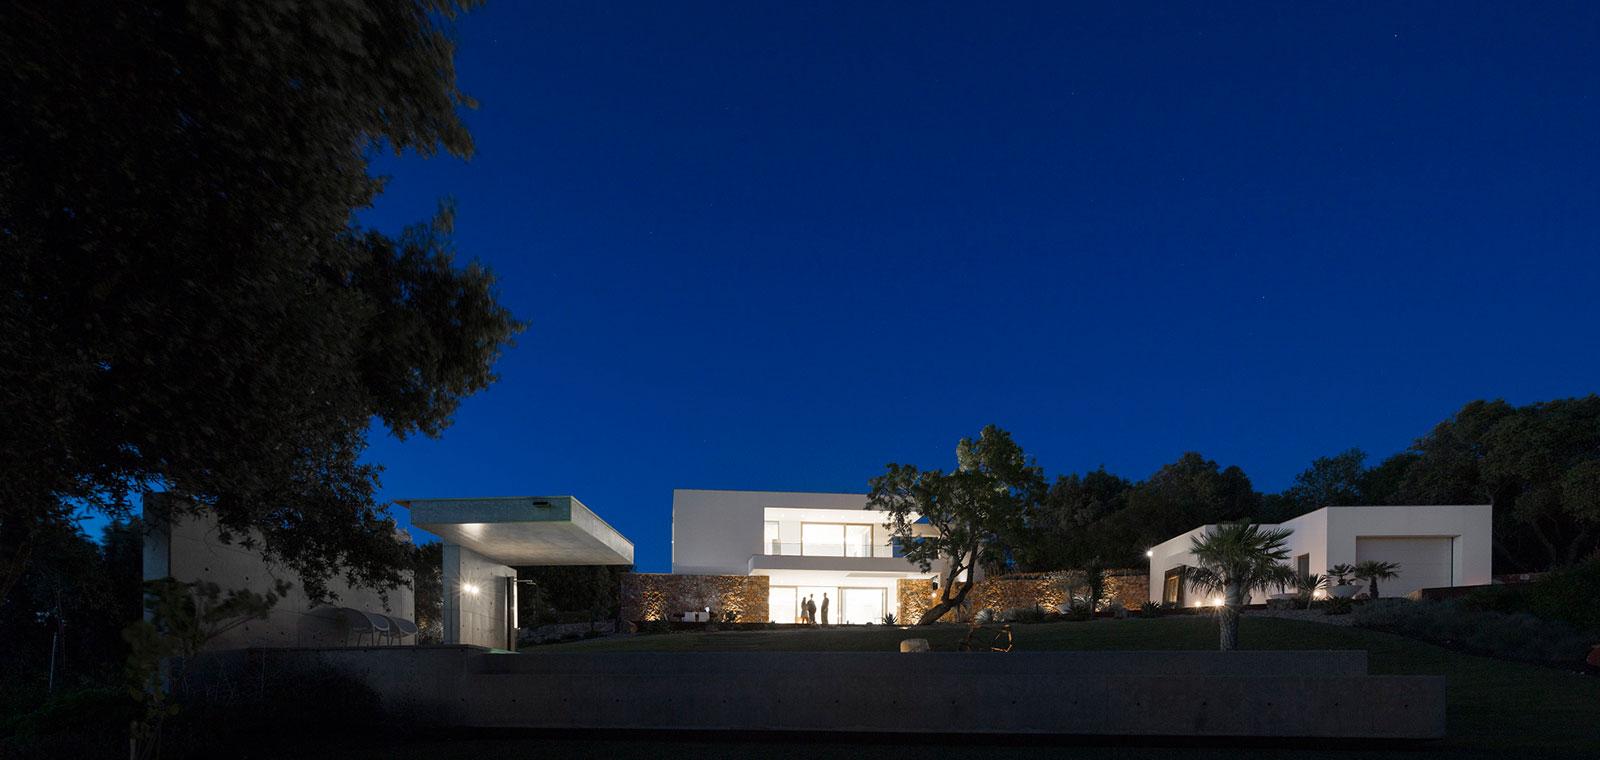 Casa da Malaca - Contemporary villa in Algarve, Portugal by Mario Martins Atelier